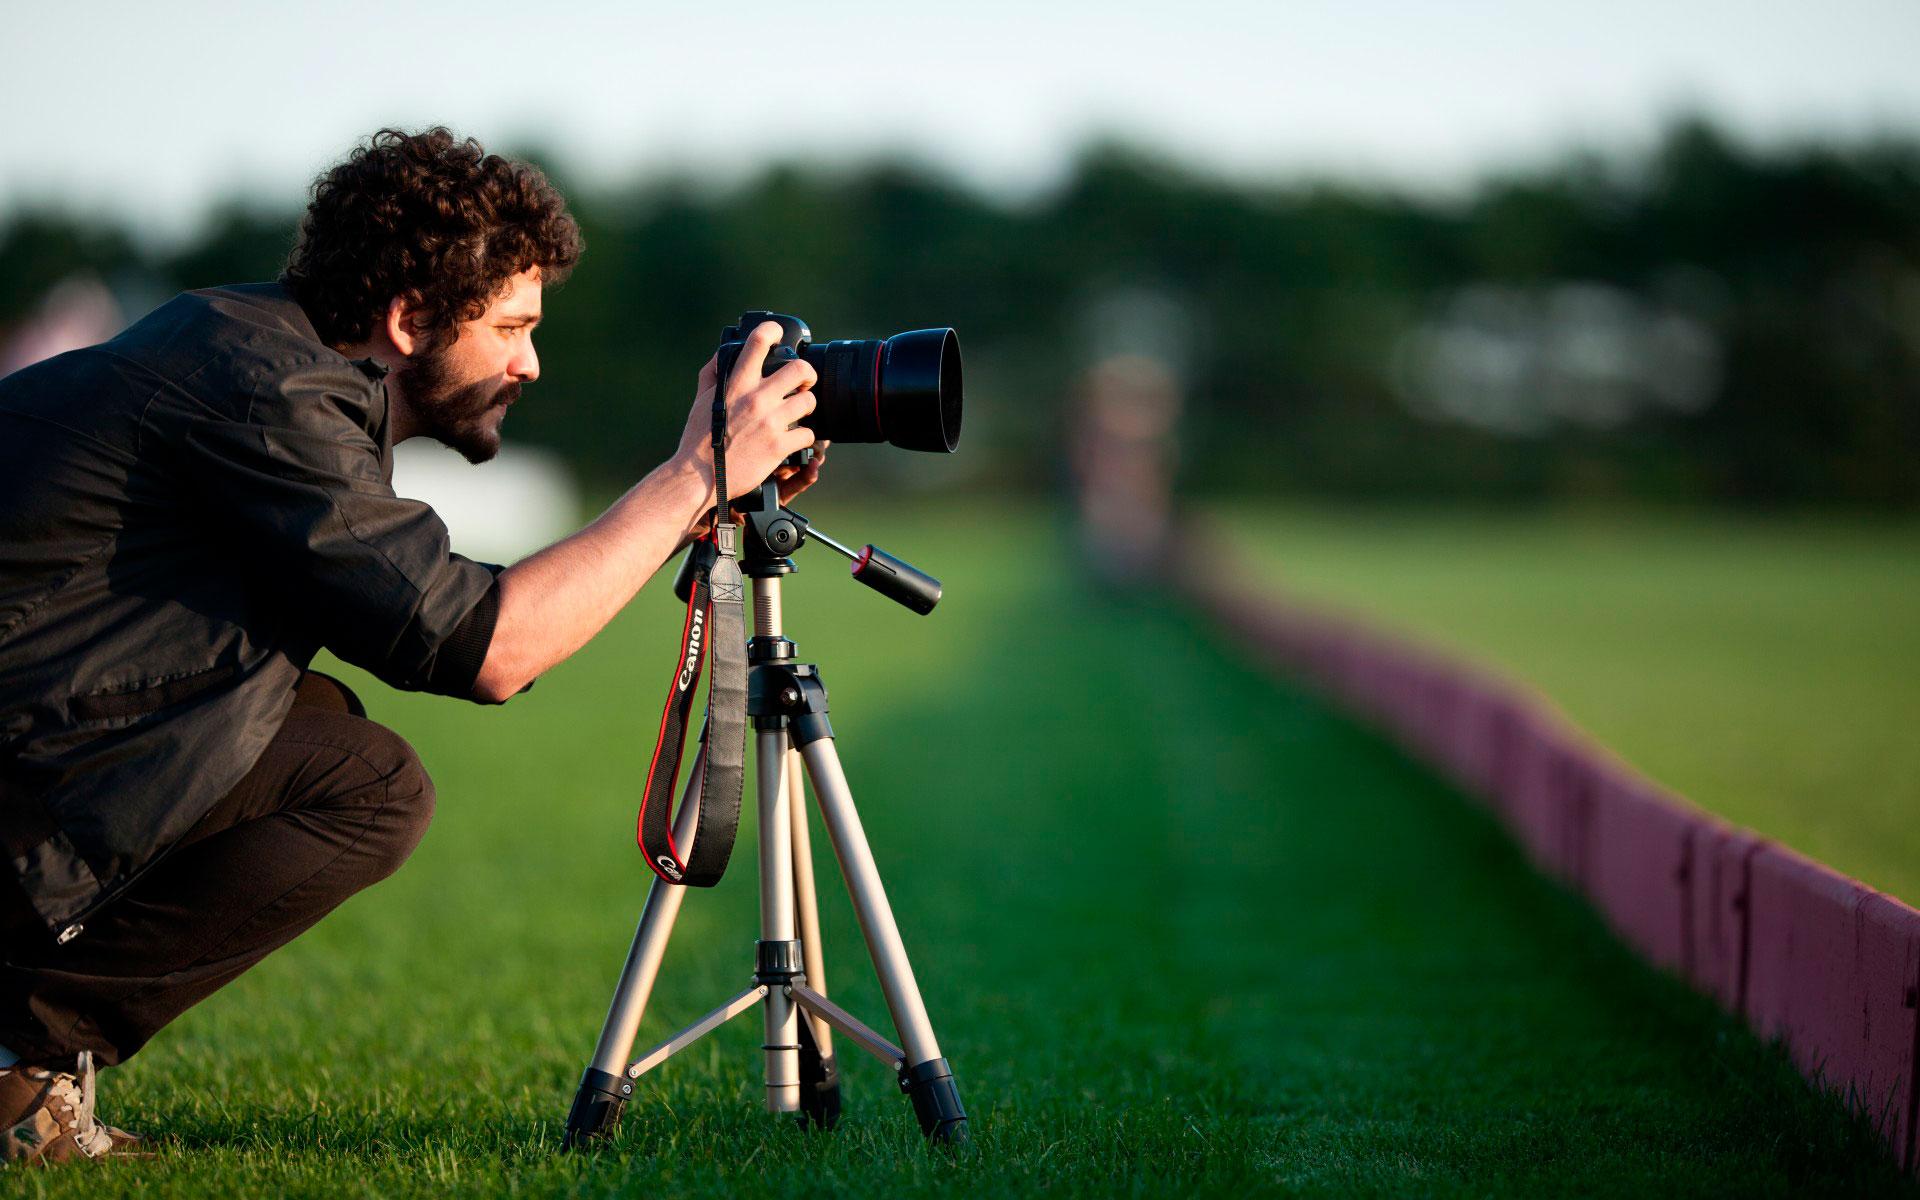 15 жанров фотографии в снимках и цитатах - depositphotos blog